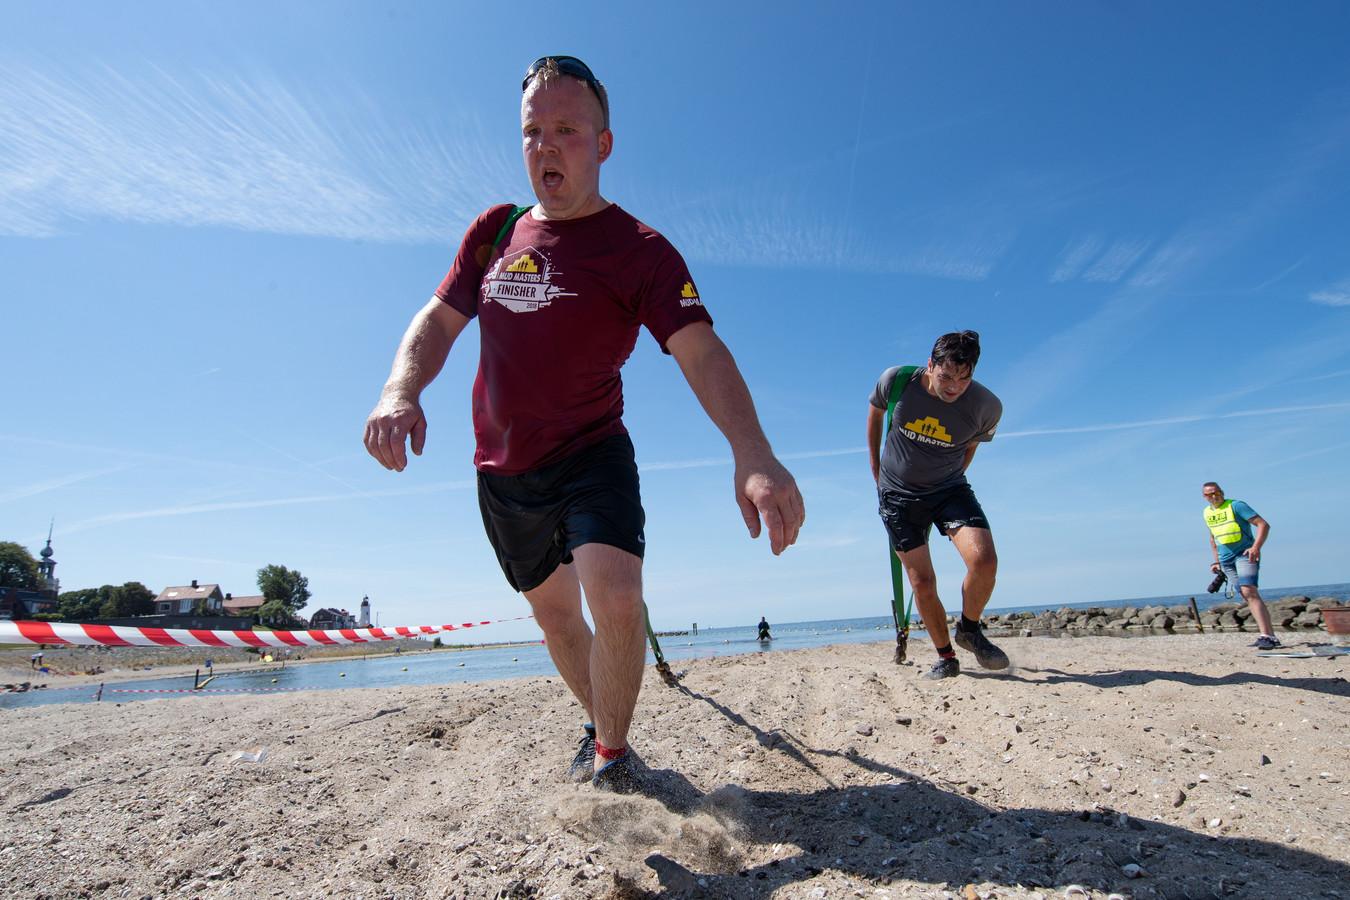 Deelnemers aan de Obstacle Challenge op Urk moesten zaterdag onder meer een zware ketting door het water slepen.